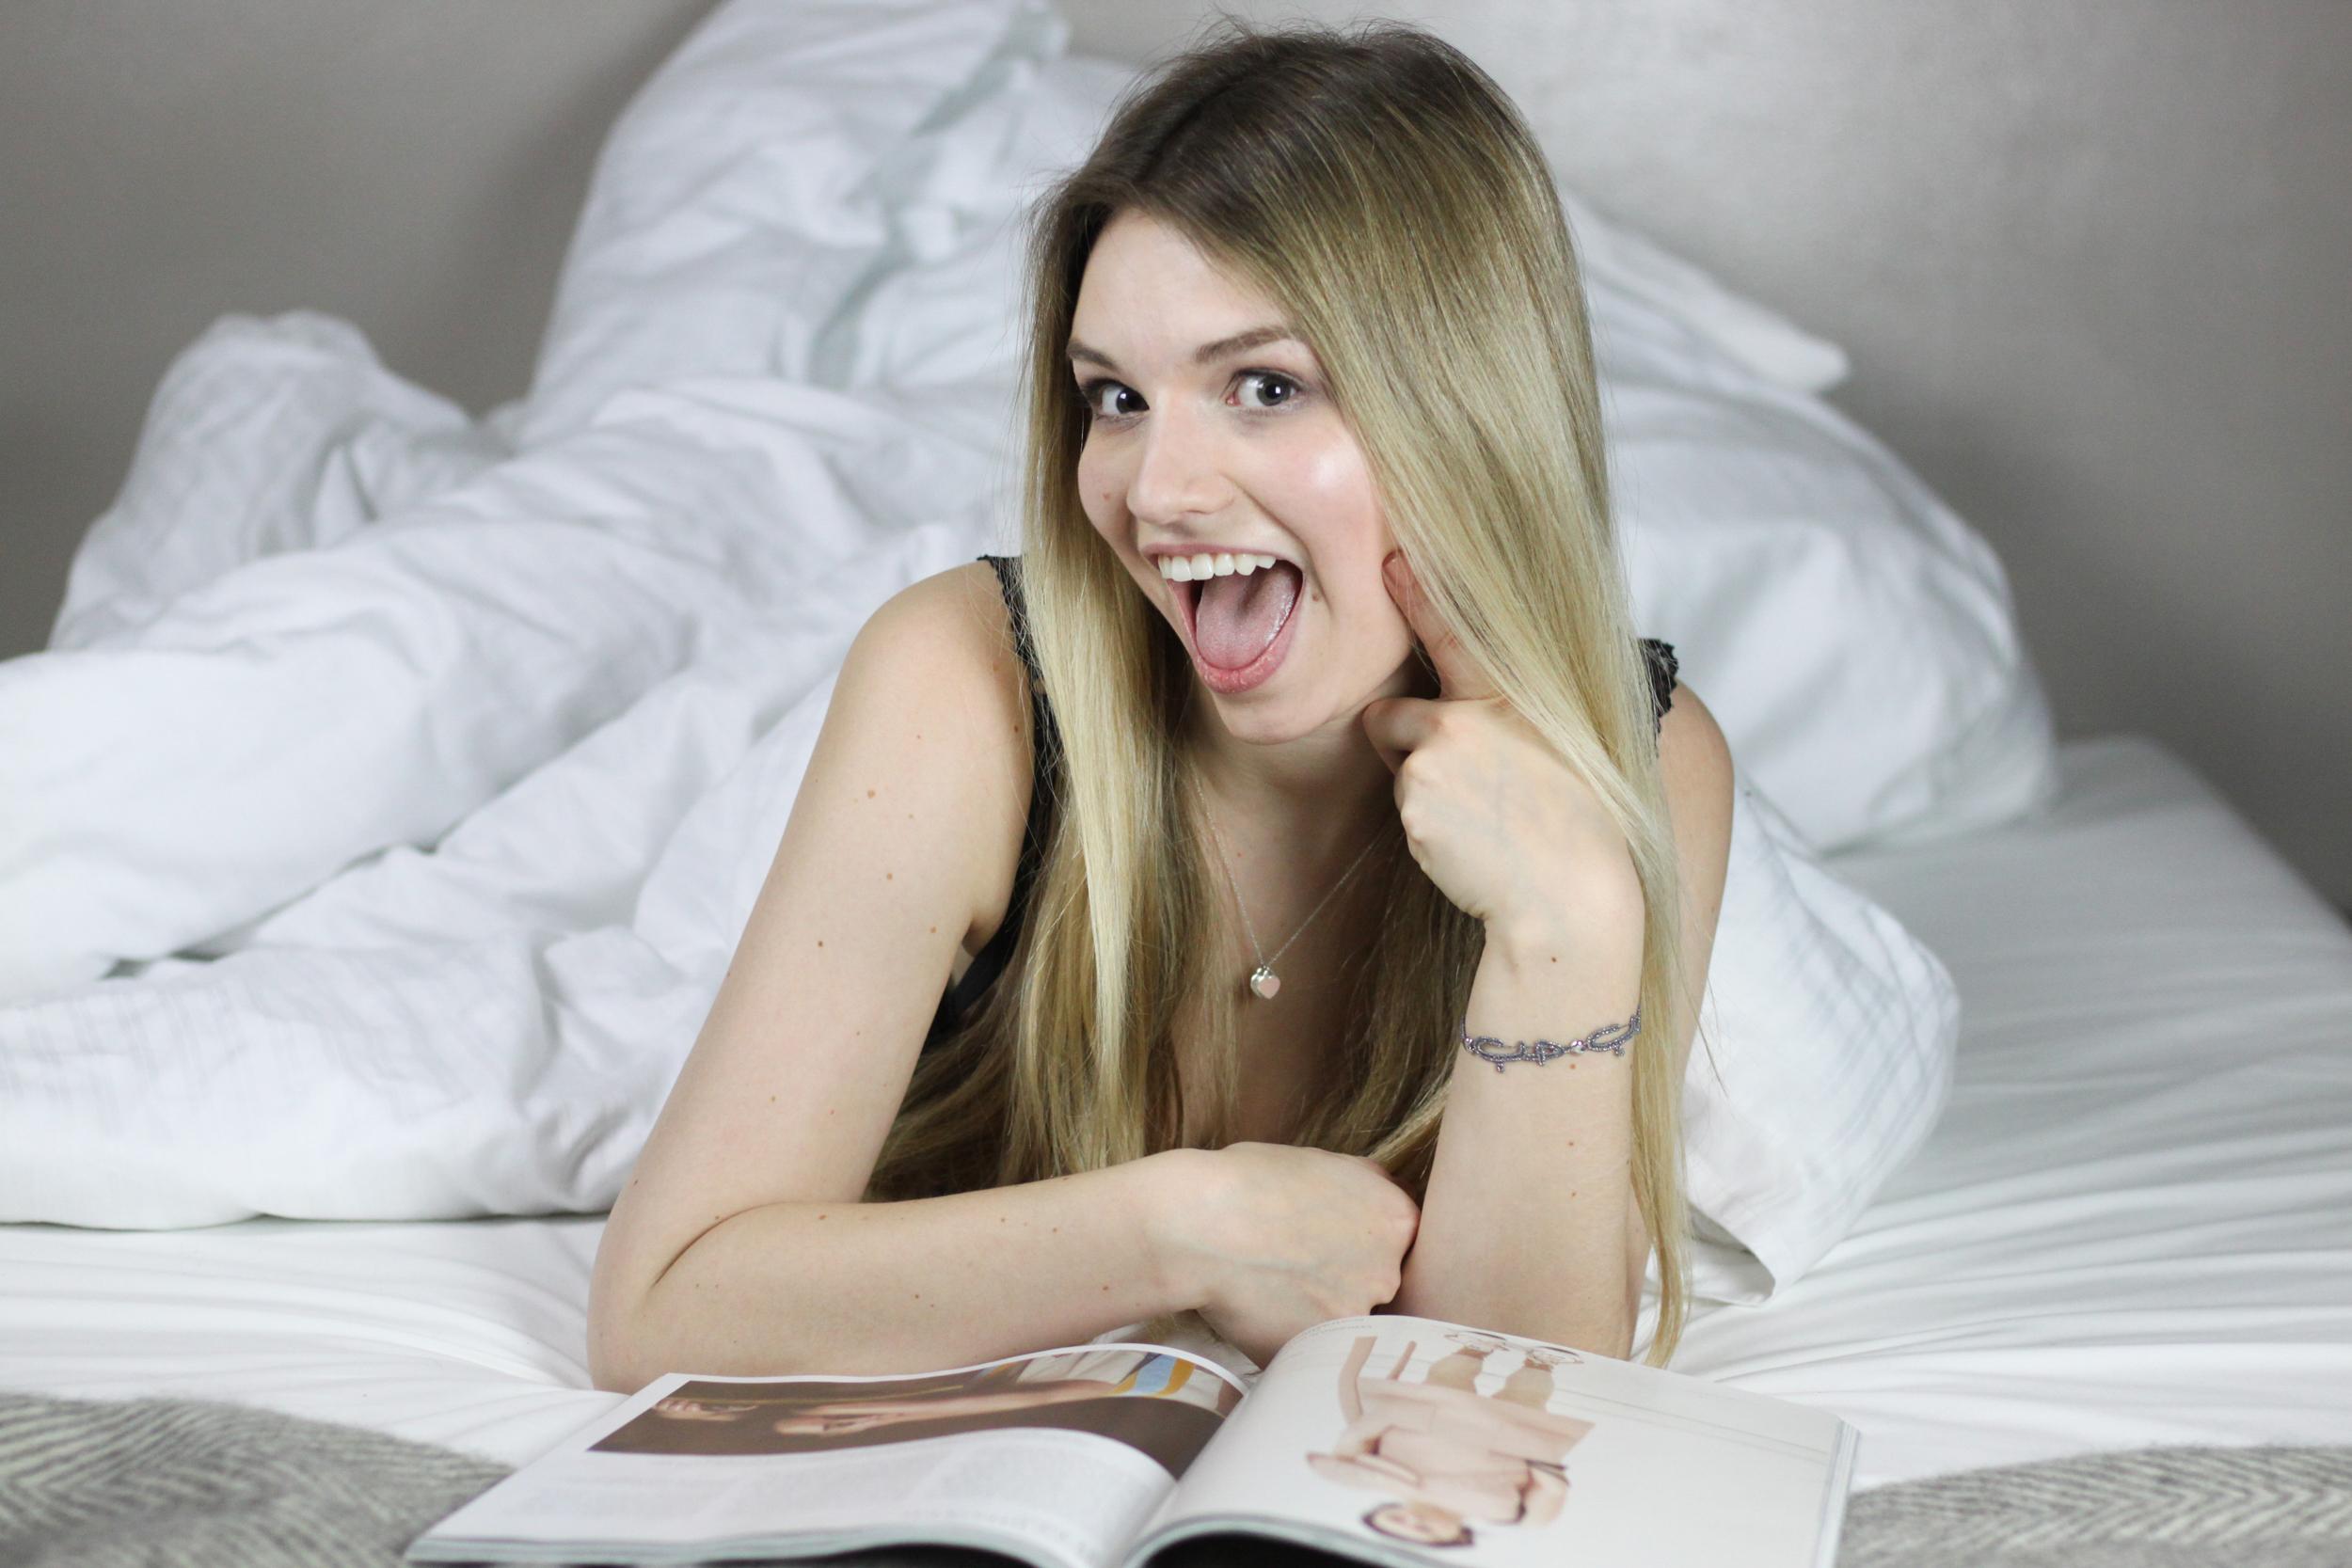 franziska-elea-blogger-aus-muenchen-fashionblog-mode-blog-outfit-dummes-gesicht-lustige-bilder-outtakes-peinliche-fotos-verschmierte-wimperntusche